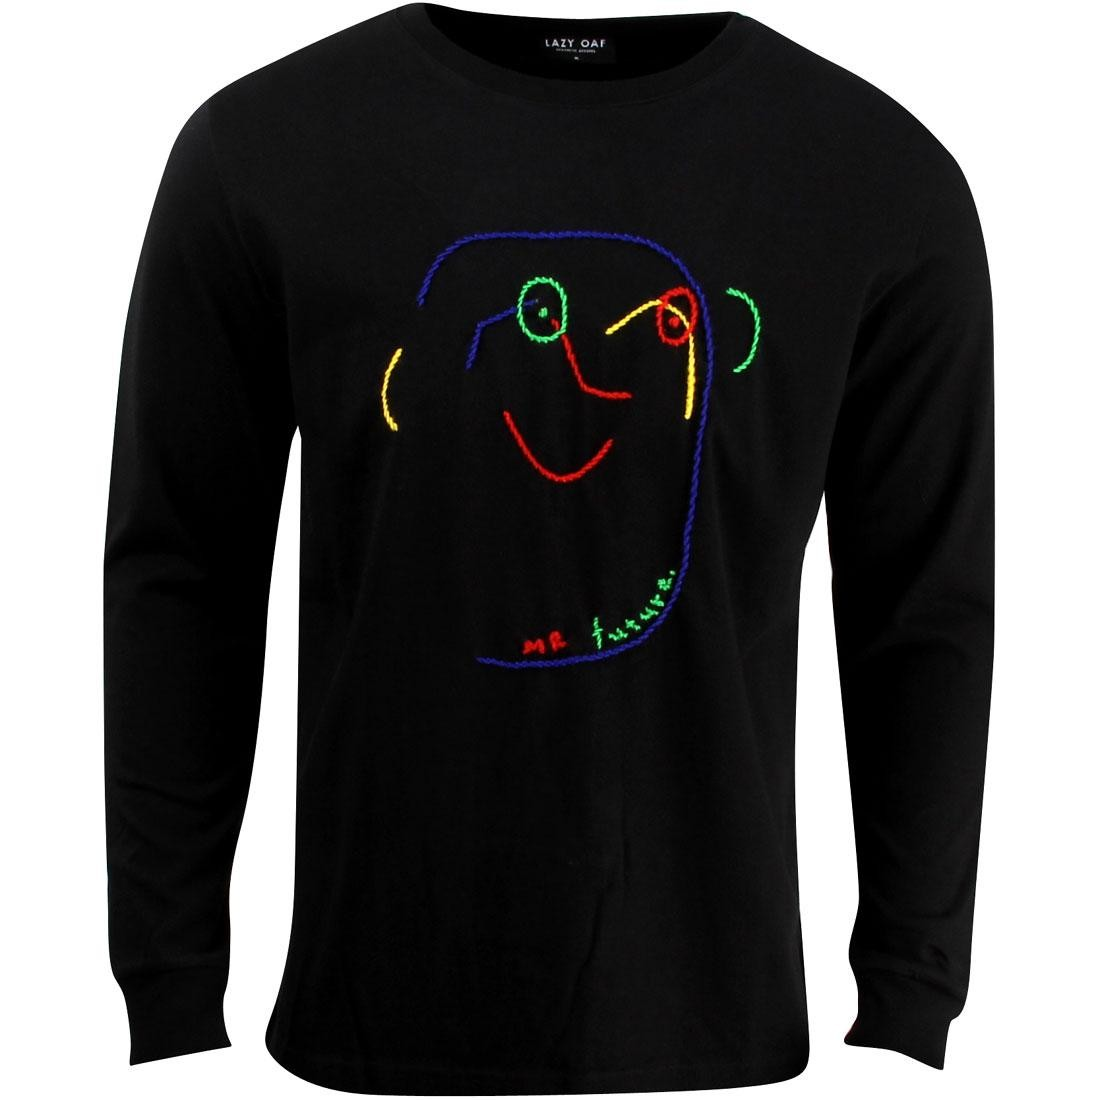 【スーパーセール中! 6/11深夜2時迄】メンズファッション トップス Tシャツ カットソー メンズ 【 Lazy Oaf Mr Future Sweater (black) 】 Black